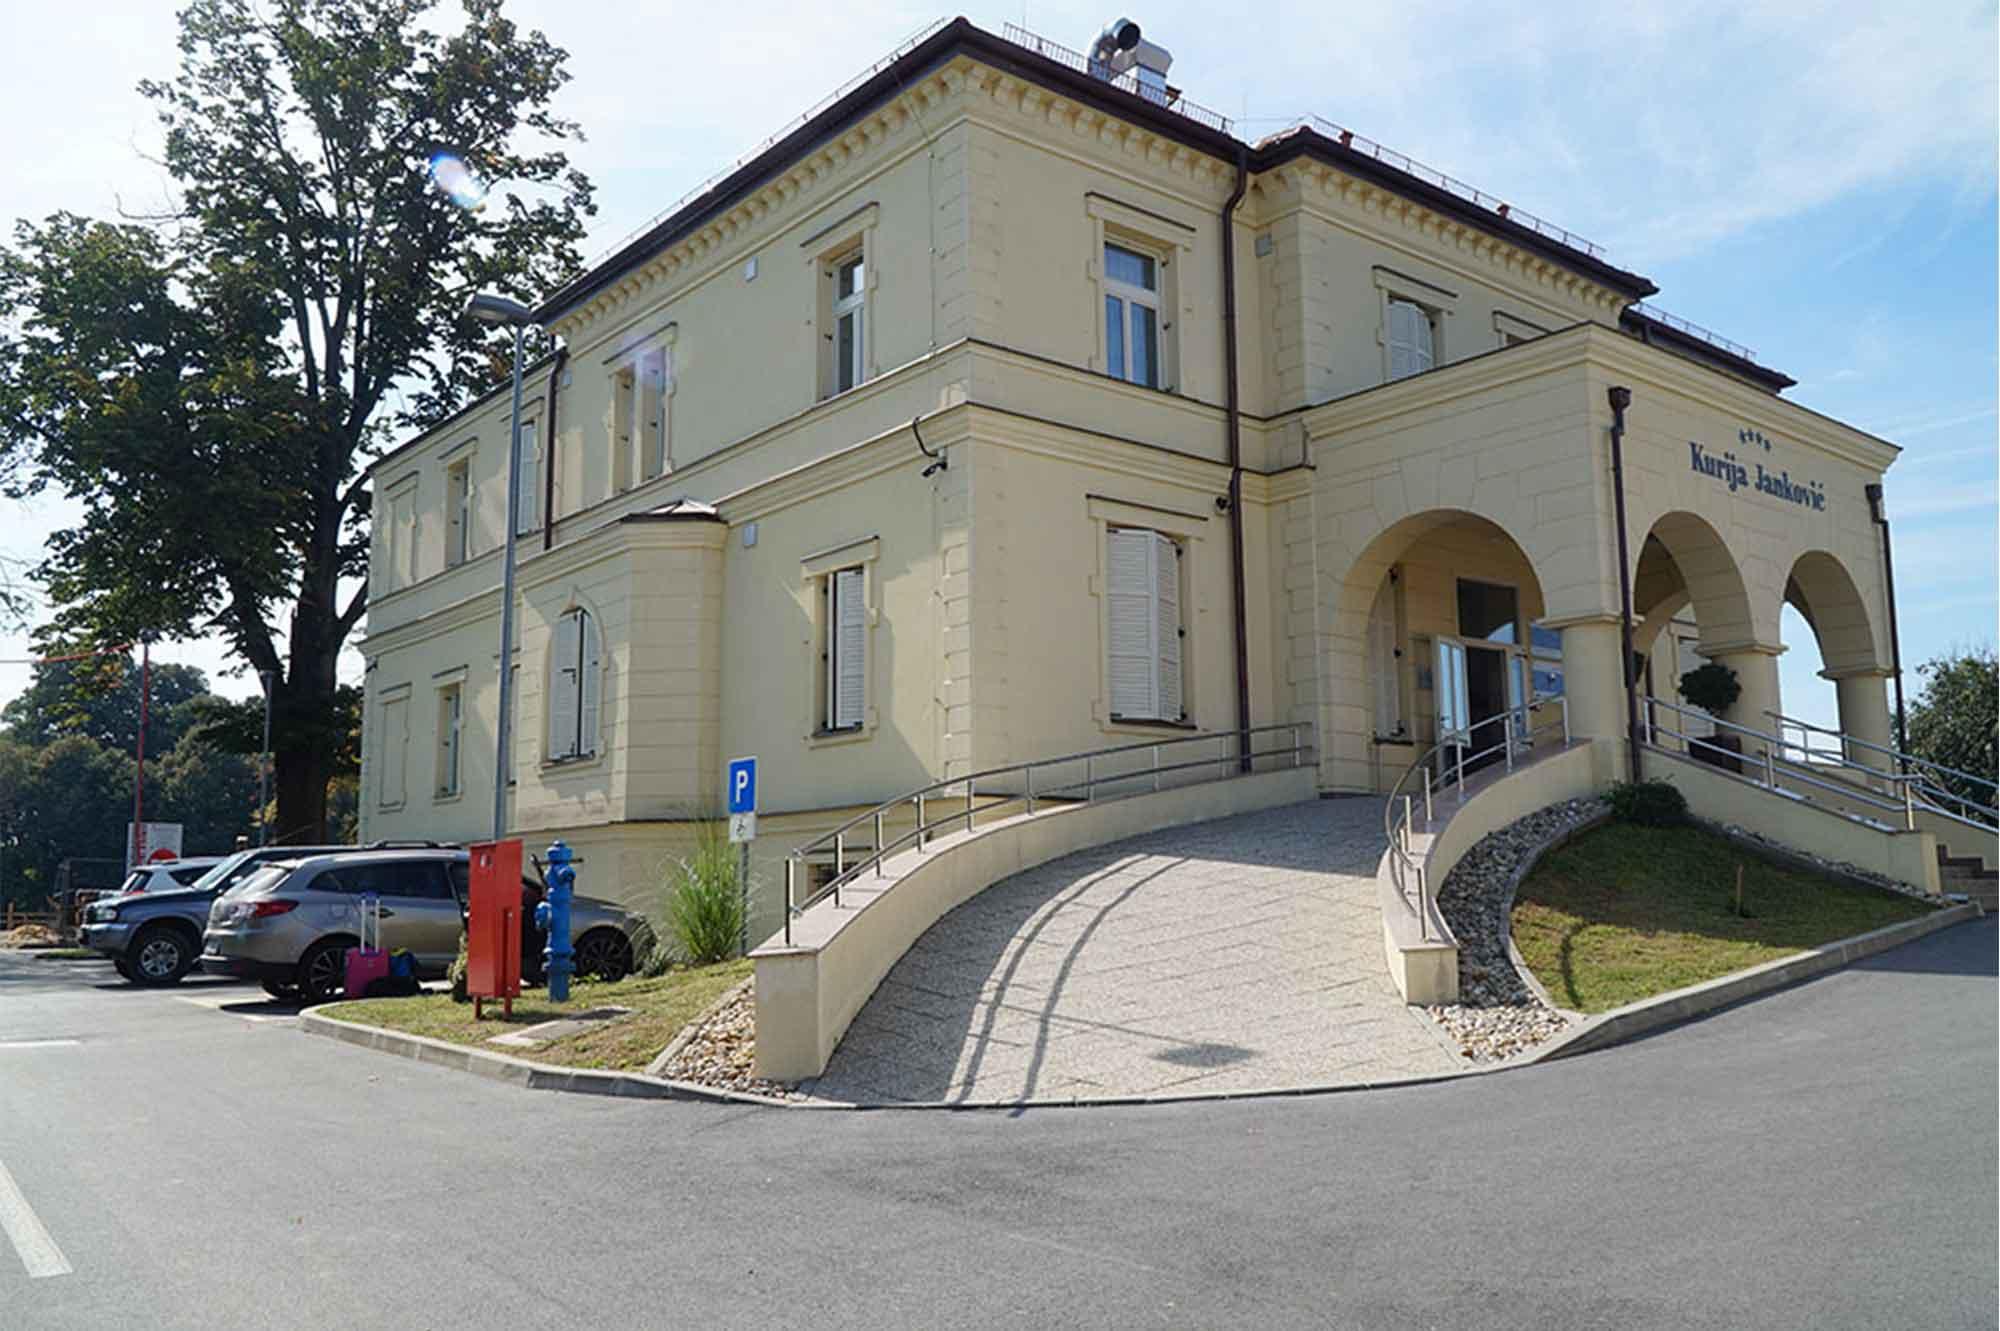 Hotel Kurija Janković, Kapela Dvor, Chorvatsko